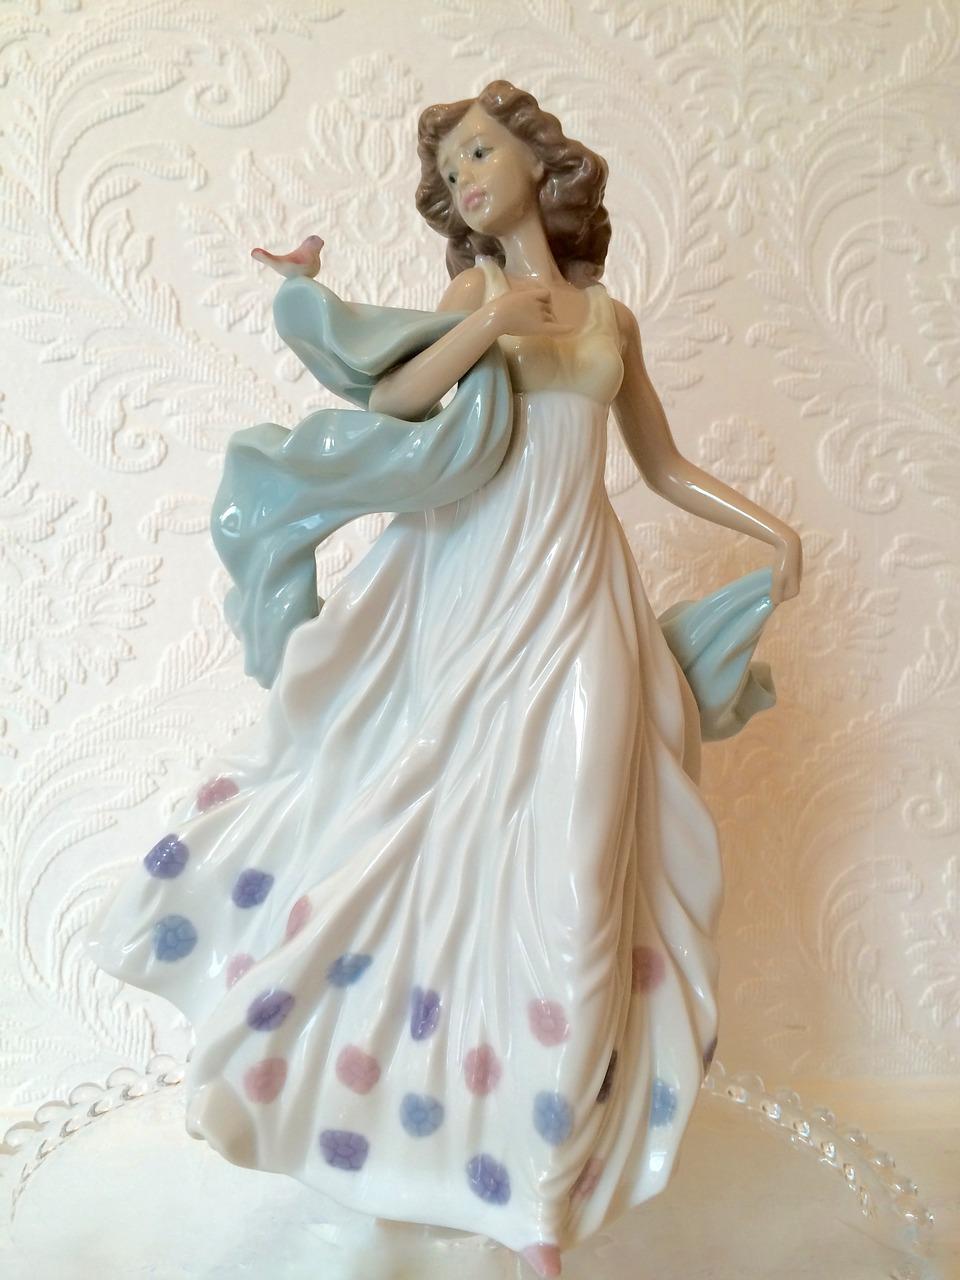 繊細なディテールは芸術品とも言えるリヤドロの陶器人形